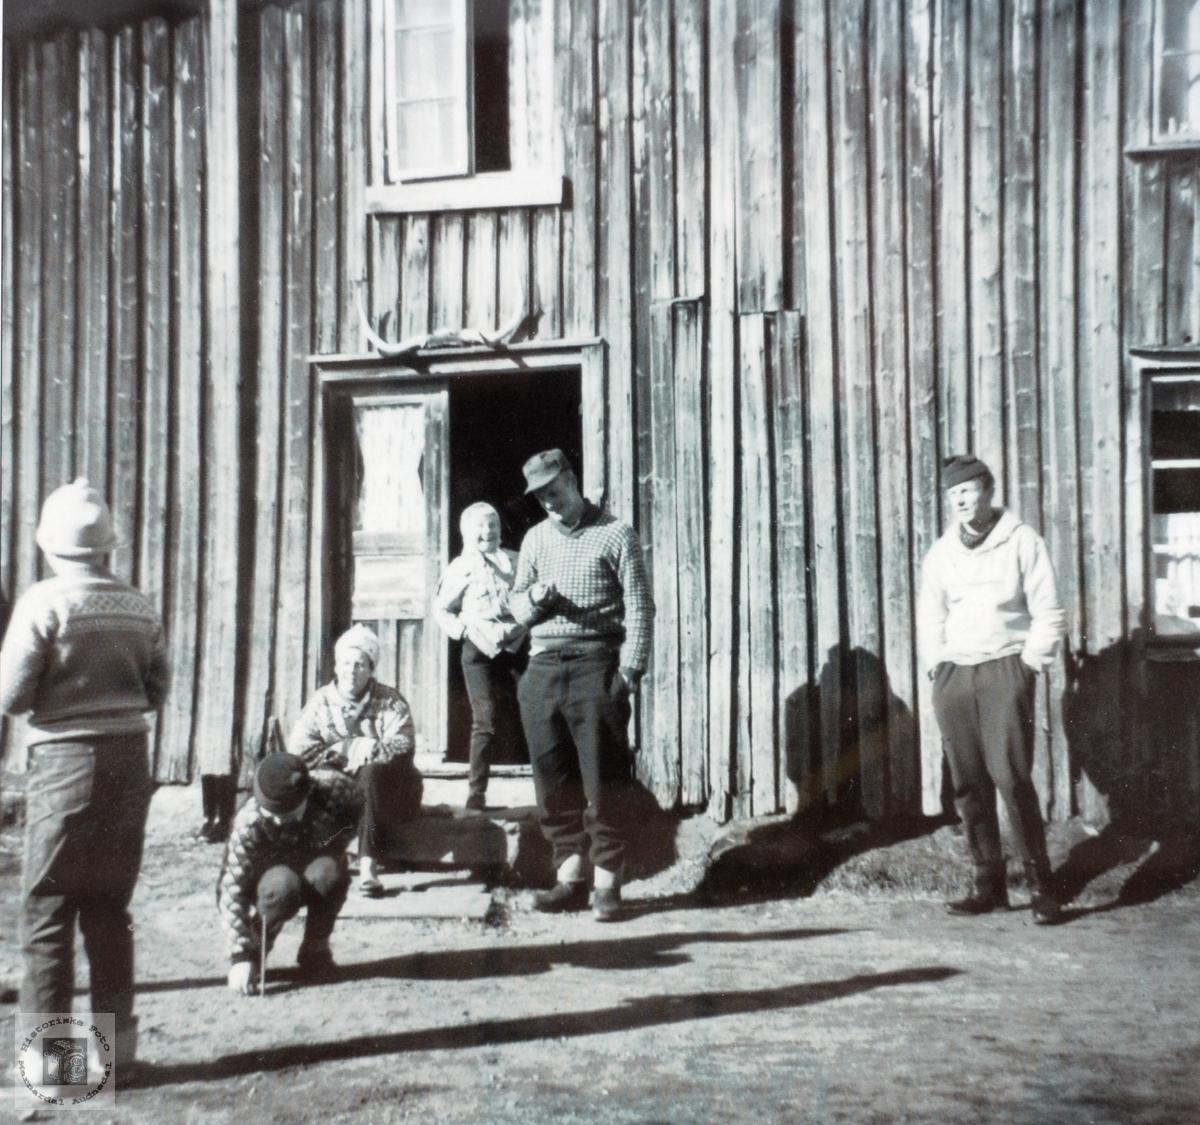 Kaste på stikka, Øvre Ågedal i Grindheim senere Audnedal.